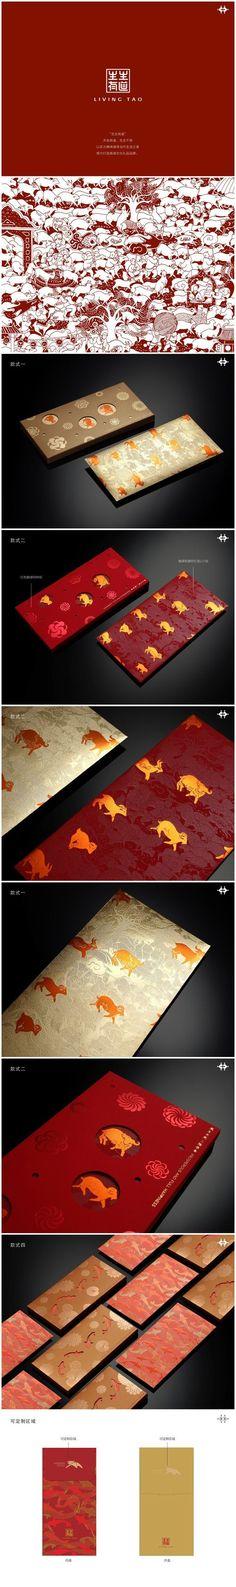 靳刘高文化礼品——生生有道羊年利是封: